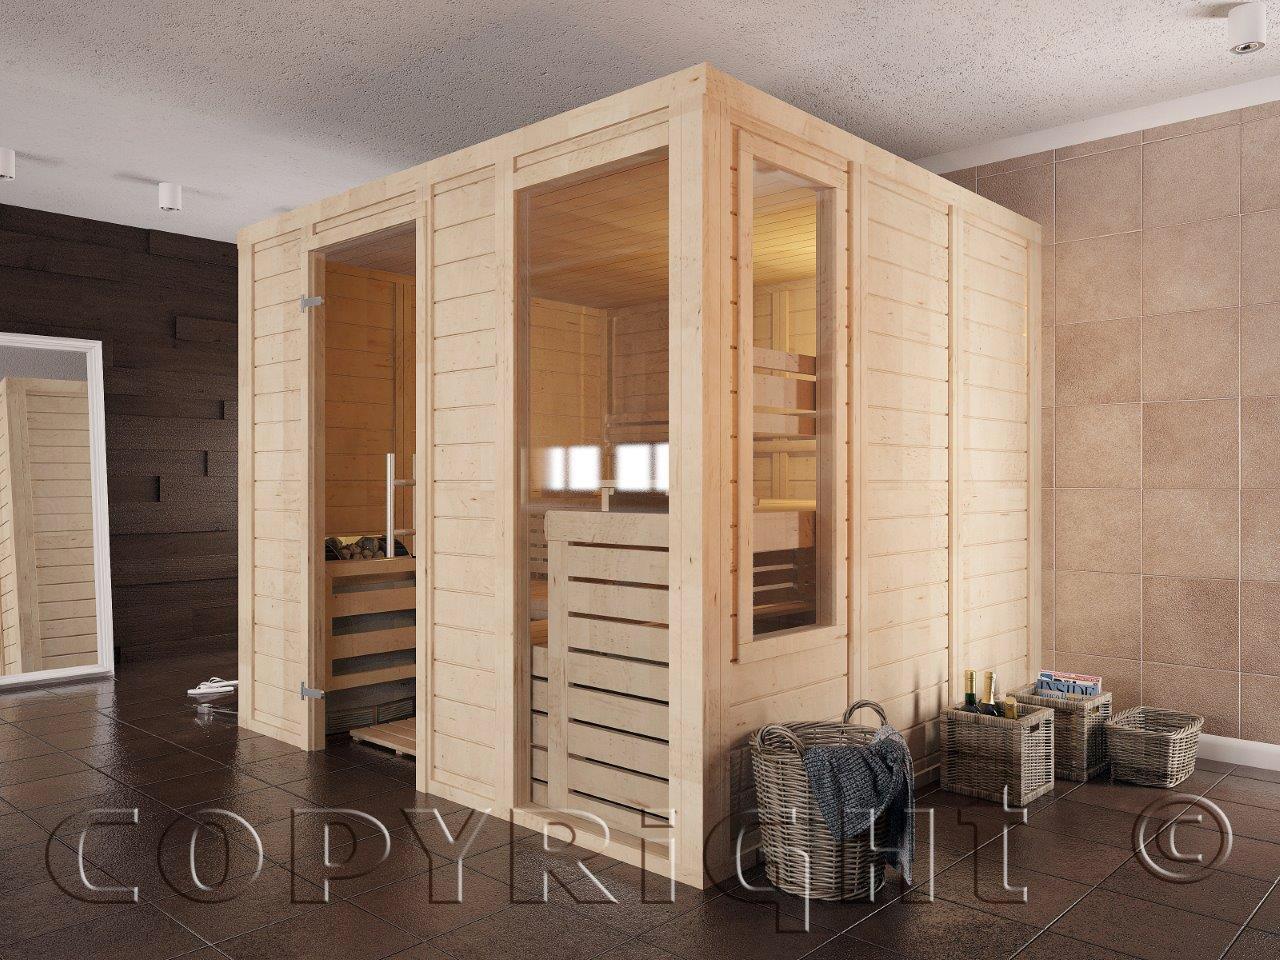 Individuelle Saunabauten aus nordischem Holz